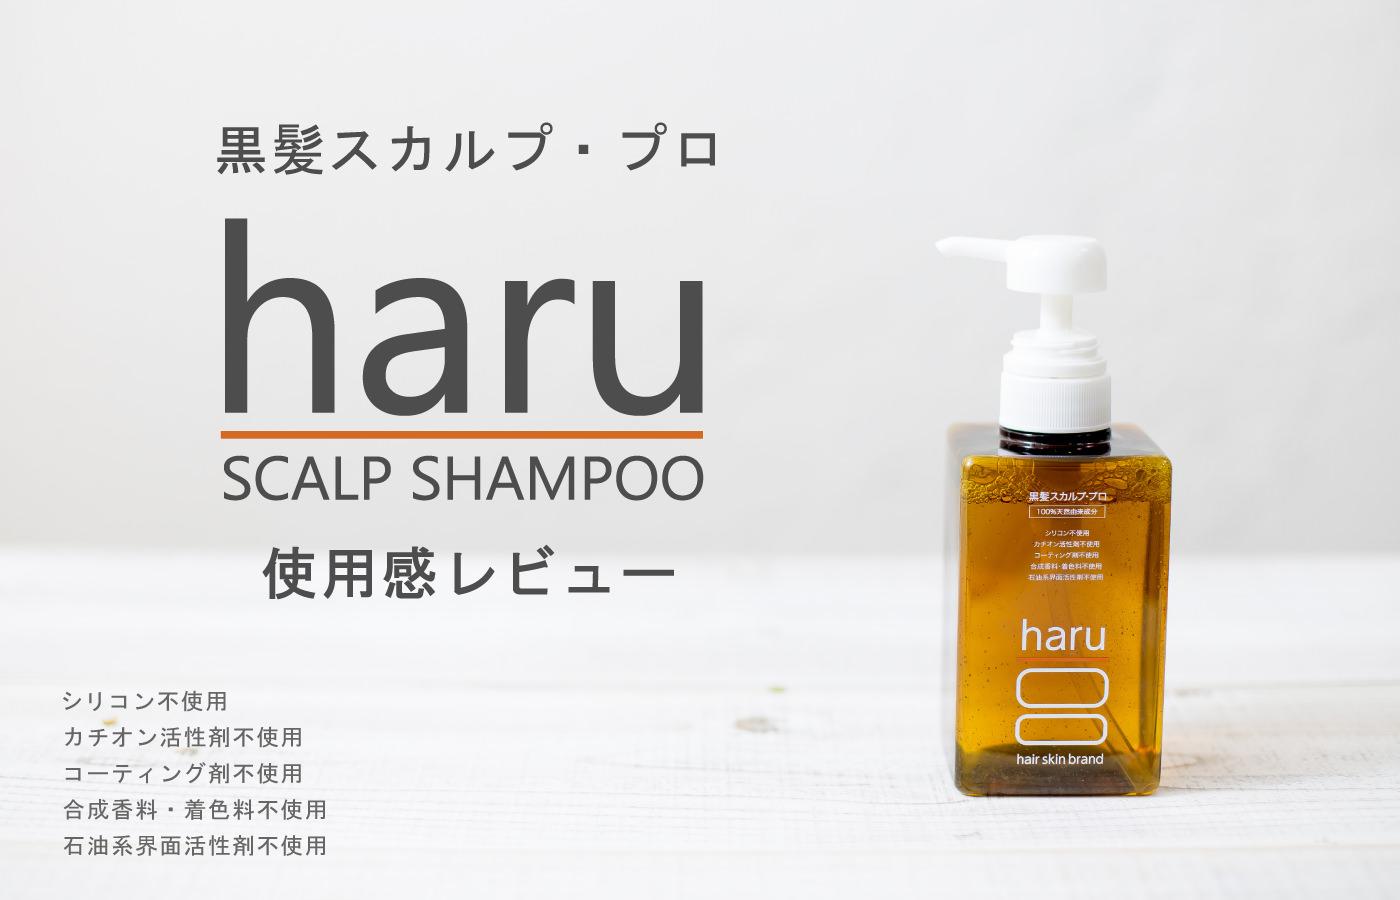 黒髪スカルプ・プロ haruシャンプーの口コミレビュー